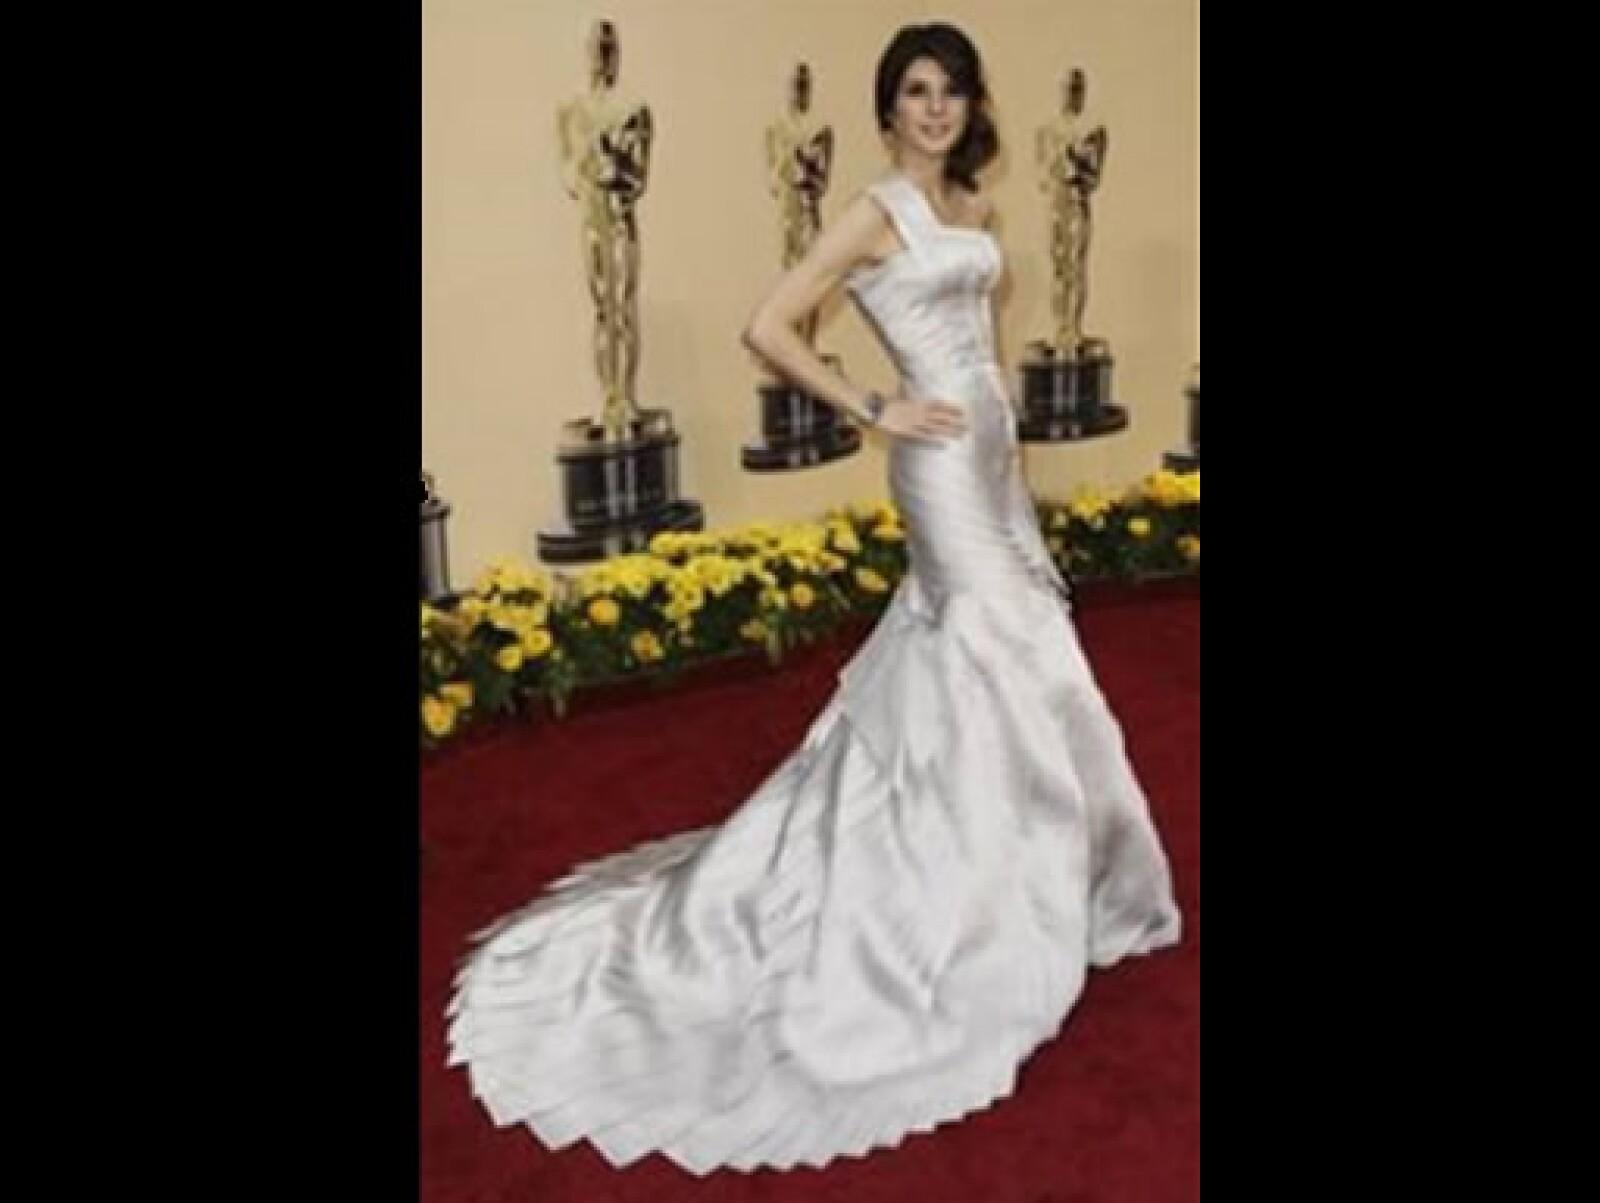 Nominada por su papel en El Luchador, llevó un elegante vestido de Versace, que complementó con joyería de Van Cleef and Arpels: brazalete de diamentes y zafiros, anillo y aretes de diamantes.